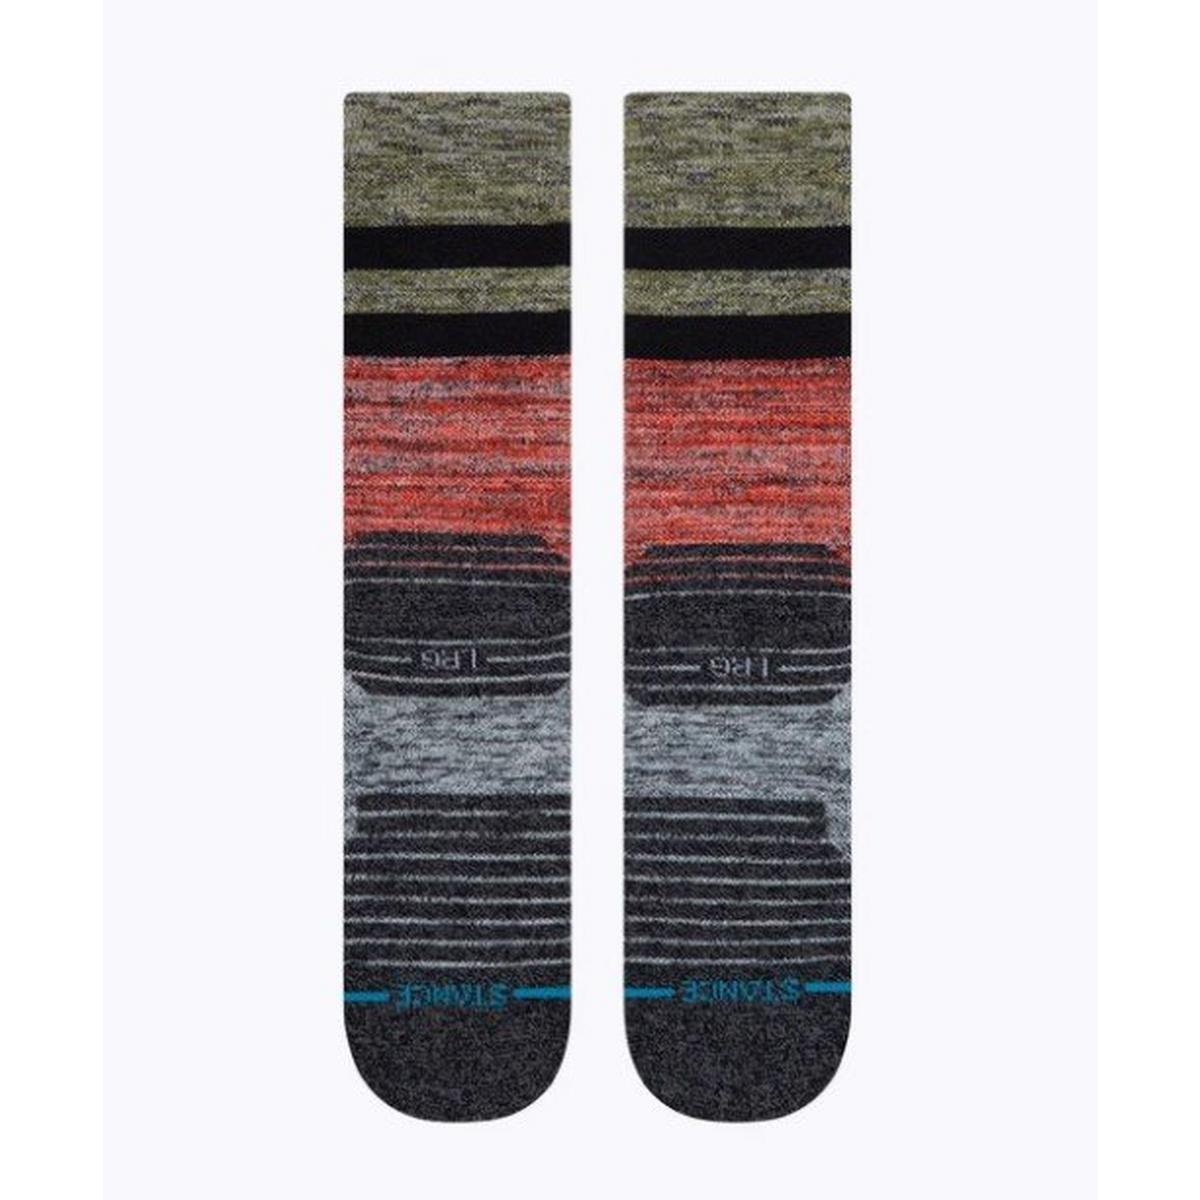 Stance Unisex Alder Socks - Multi